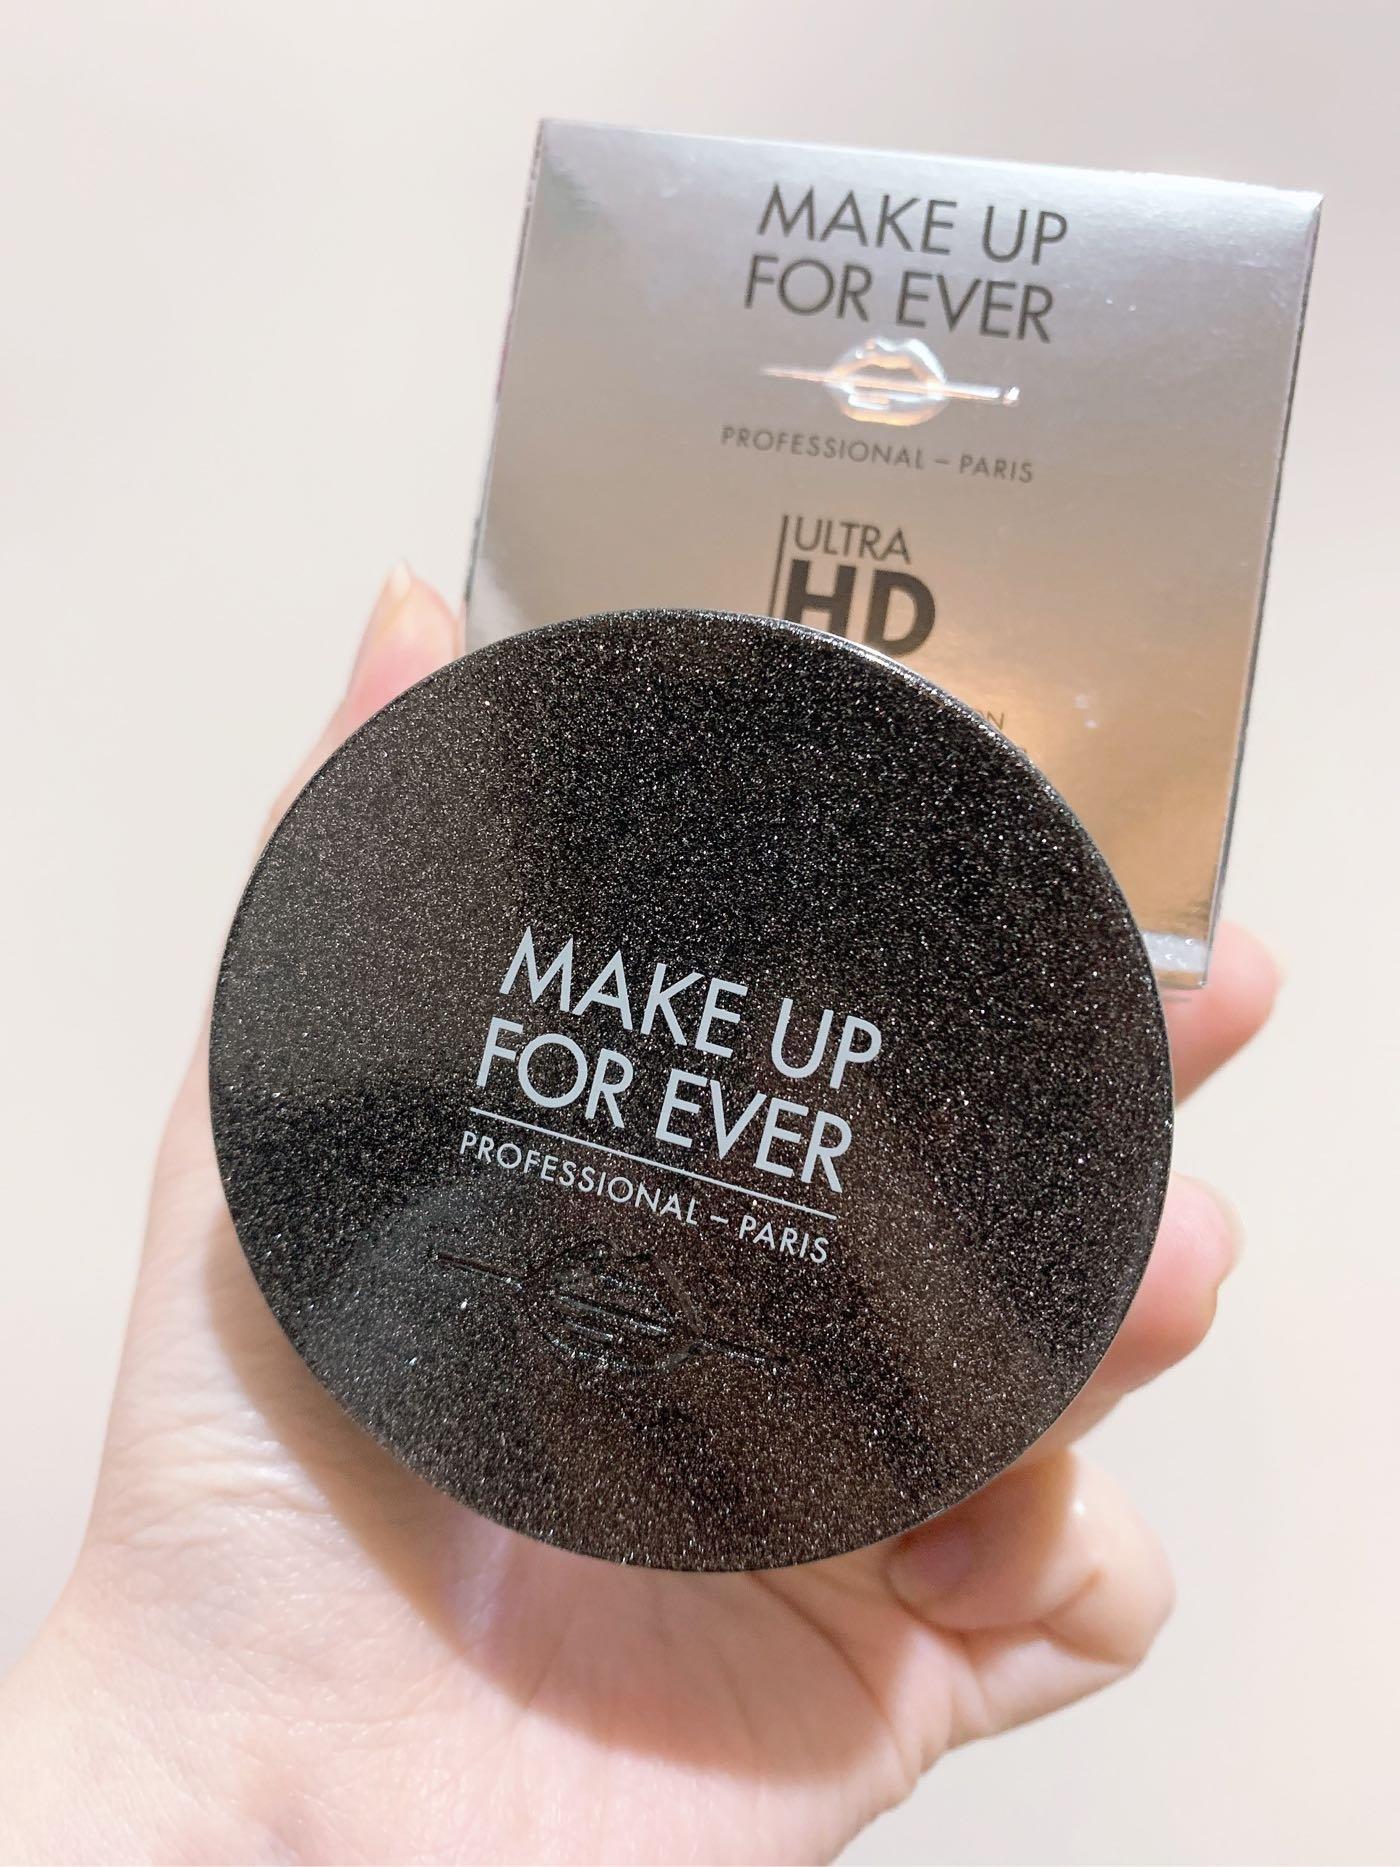 另有銀河限量版【超取免運!】MAKE UP FOR EVER-HD超進化無瑕微晶蜜粉8.5g 專櫃正貨 光圈蜜粉(全新)